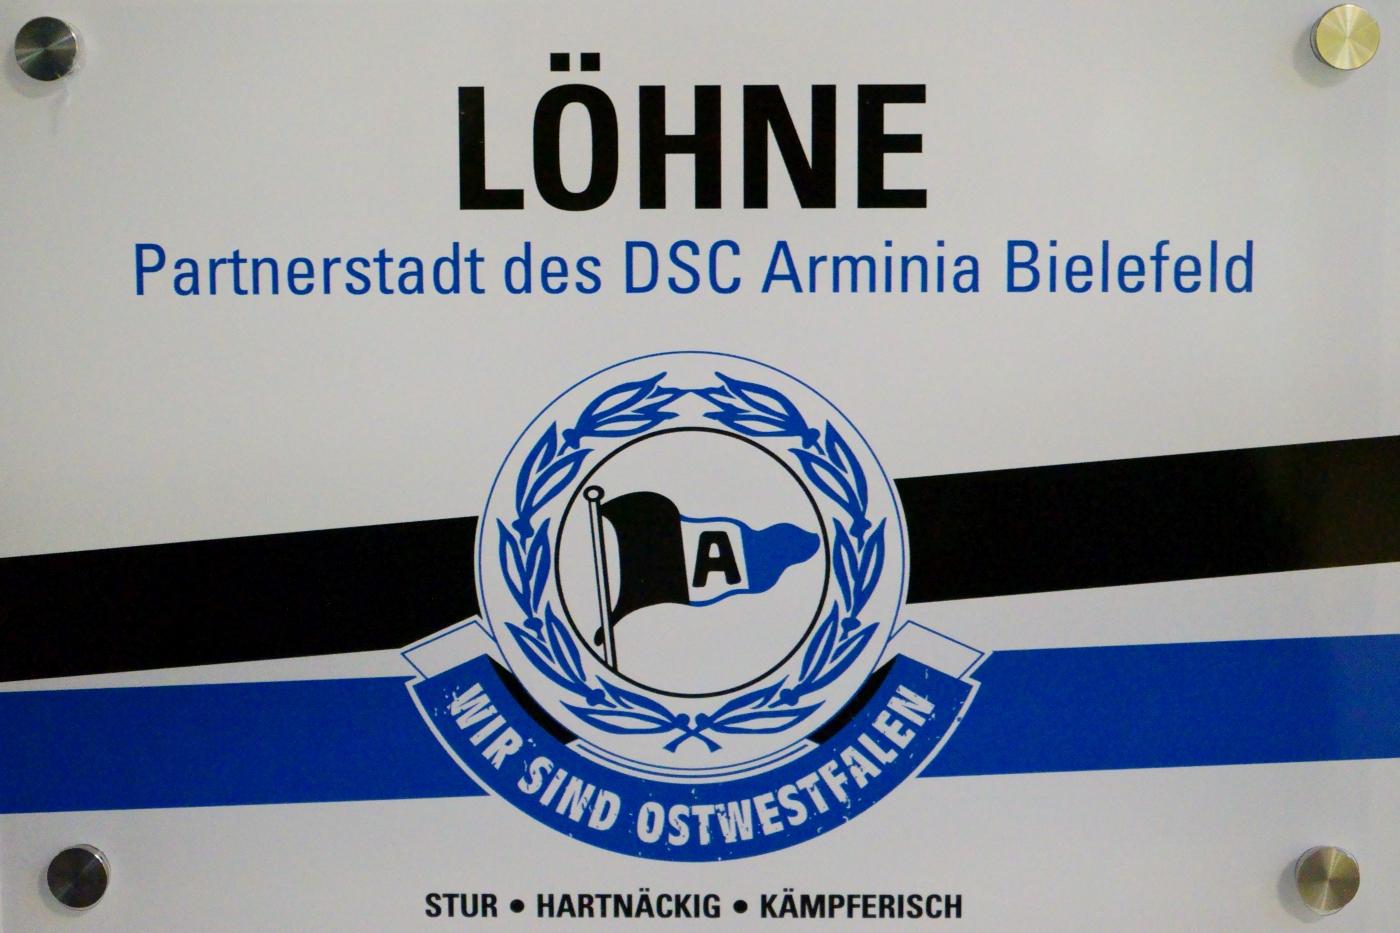 2 Schilder für die Kooperationspartnerschaft mit DSC Arminia Bielefeld